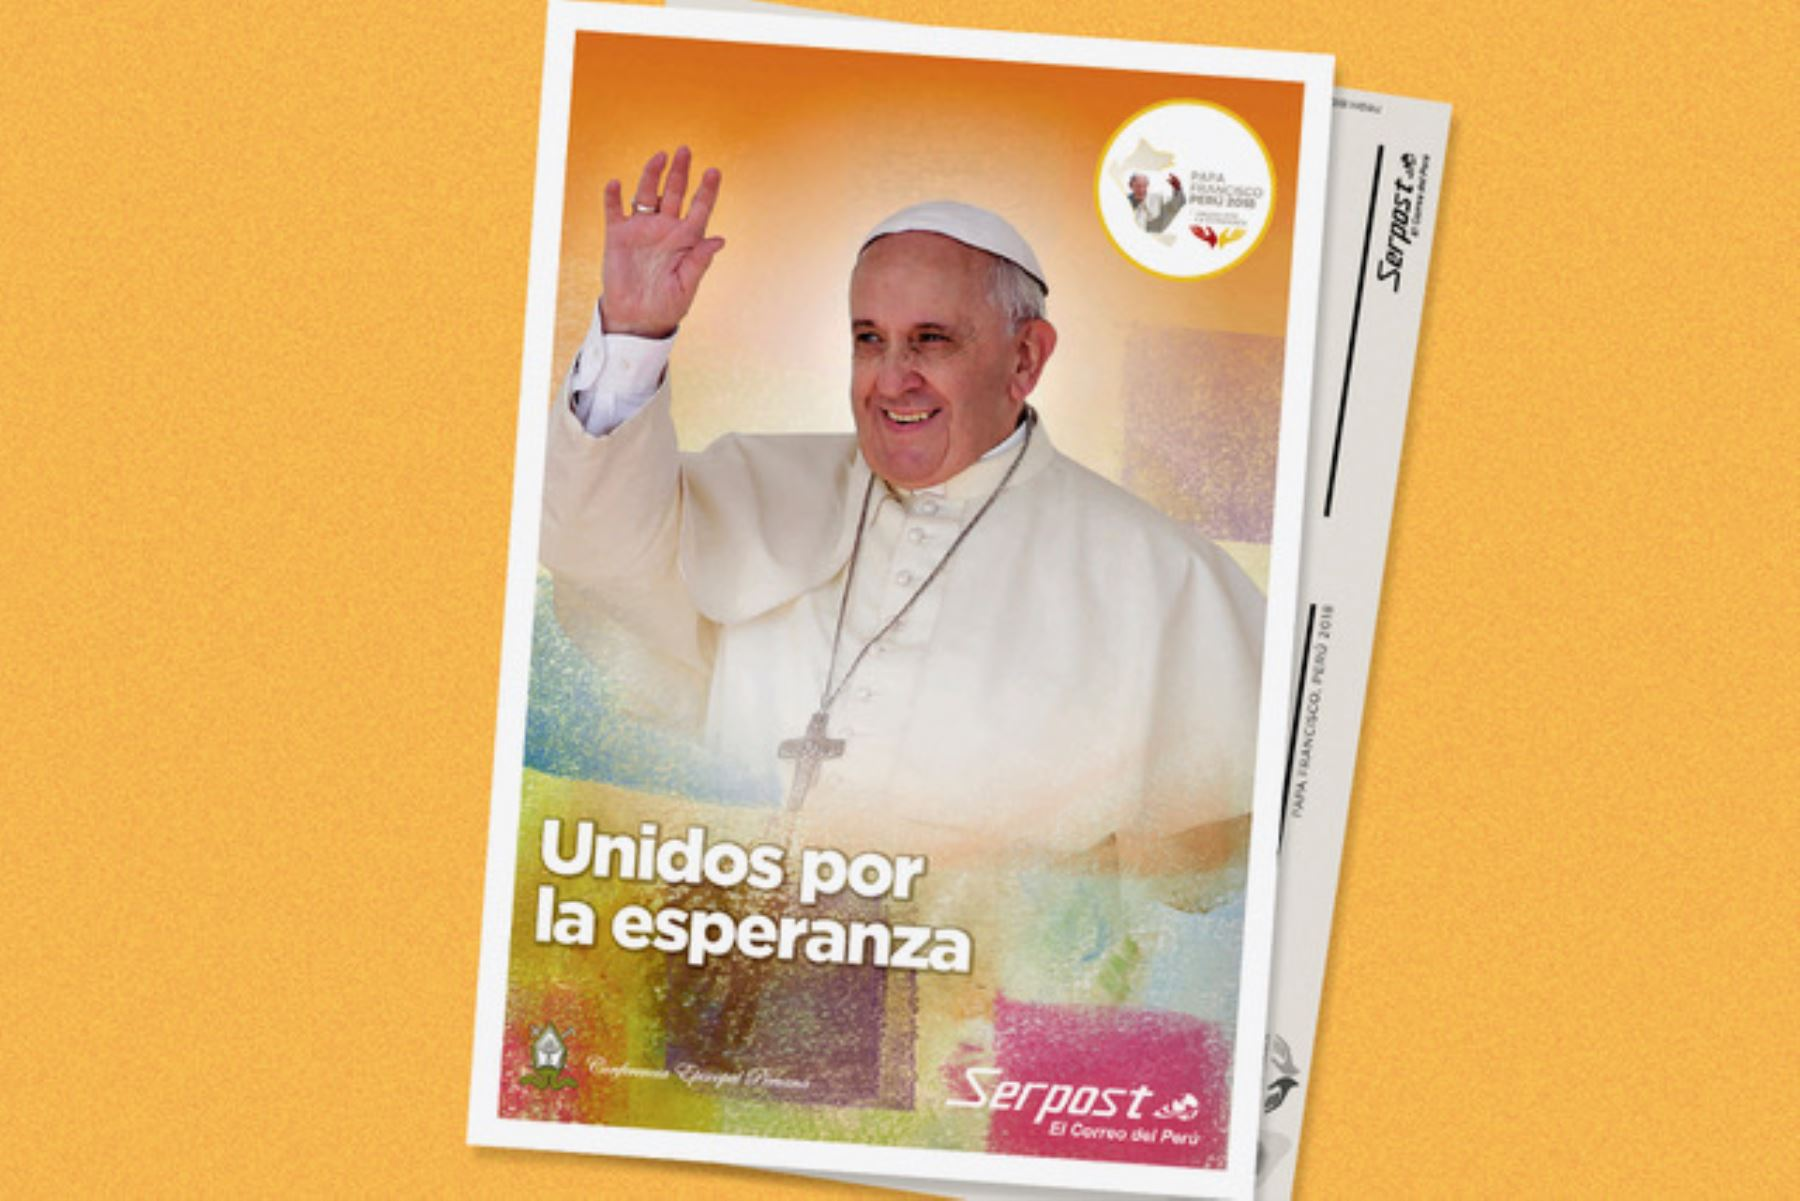 Postal conmemorativa por visita del papa Francisco a Perú. Foto: CEP/ANDINA.